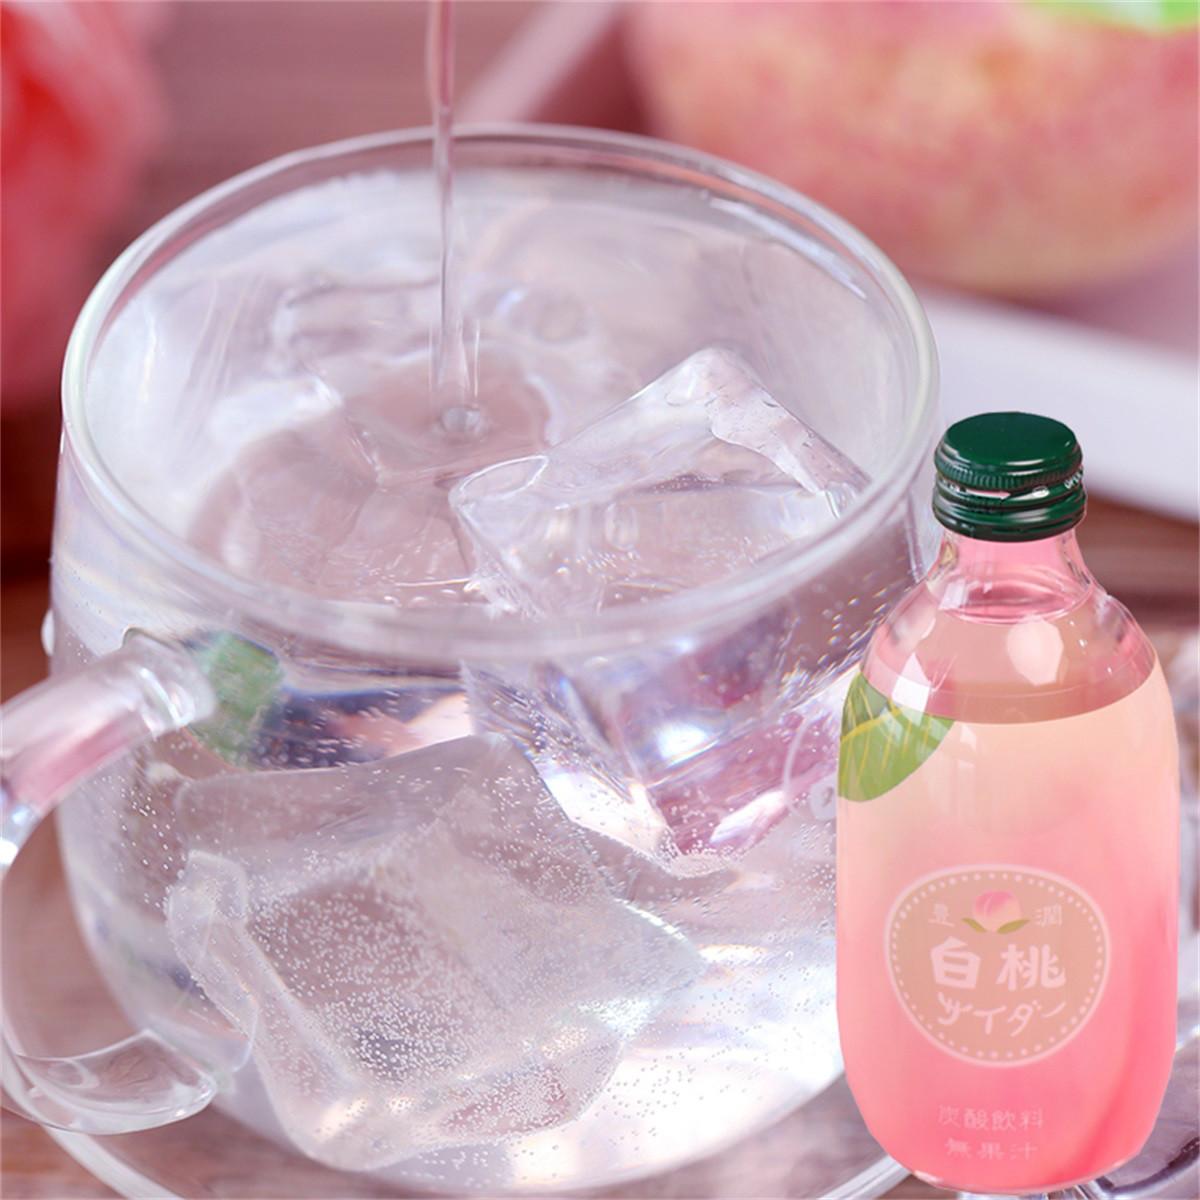 和風细语友树300ml*5瓶玻璃瓶哈密瓜西瓜白桃芒果菠萝味碳酸饮料COLOR西瓜味*4瓶